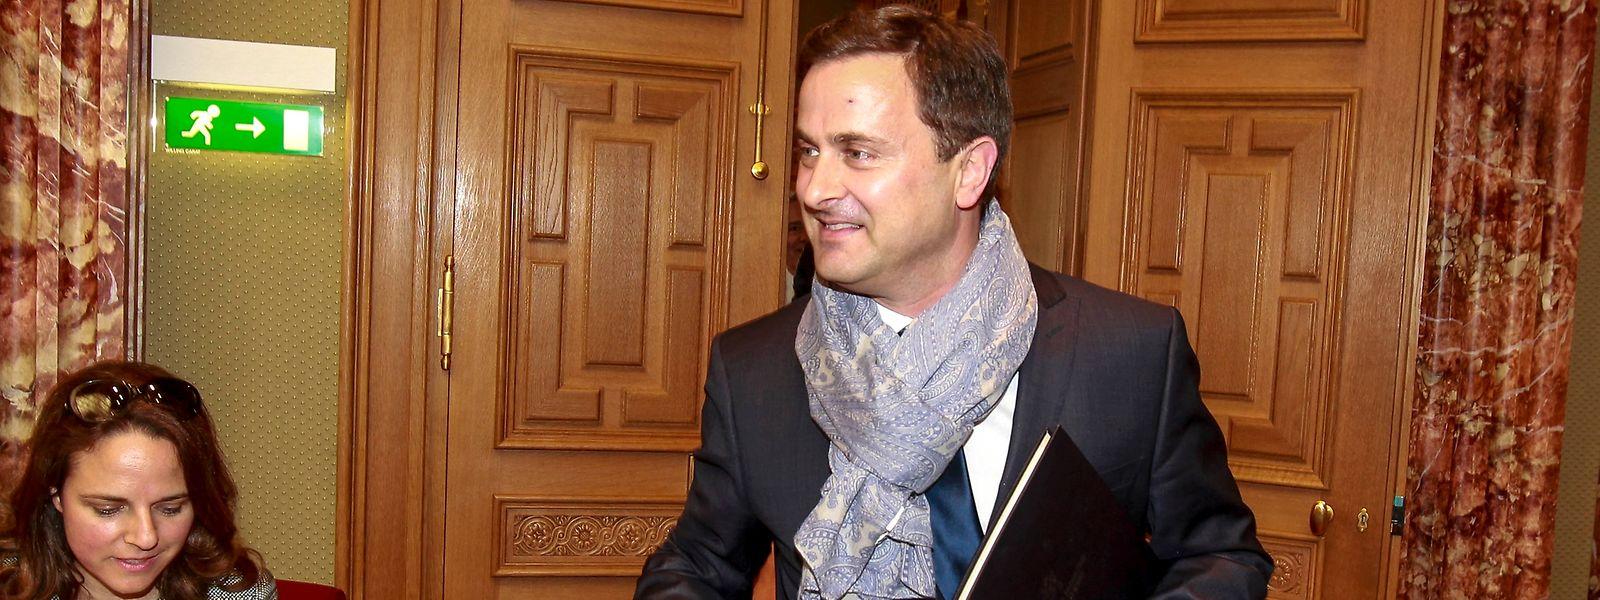 Xavier Bettel lors de son entrée à la Chambre des Députés et quelques instants avant de prononcer la déclaration sur l'état de la nation version 2015